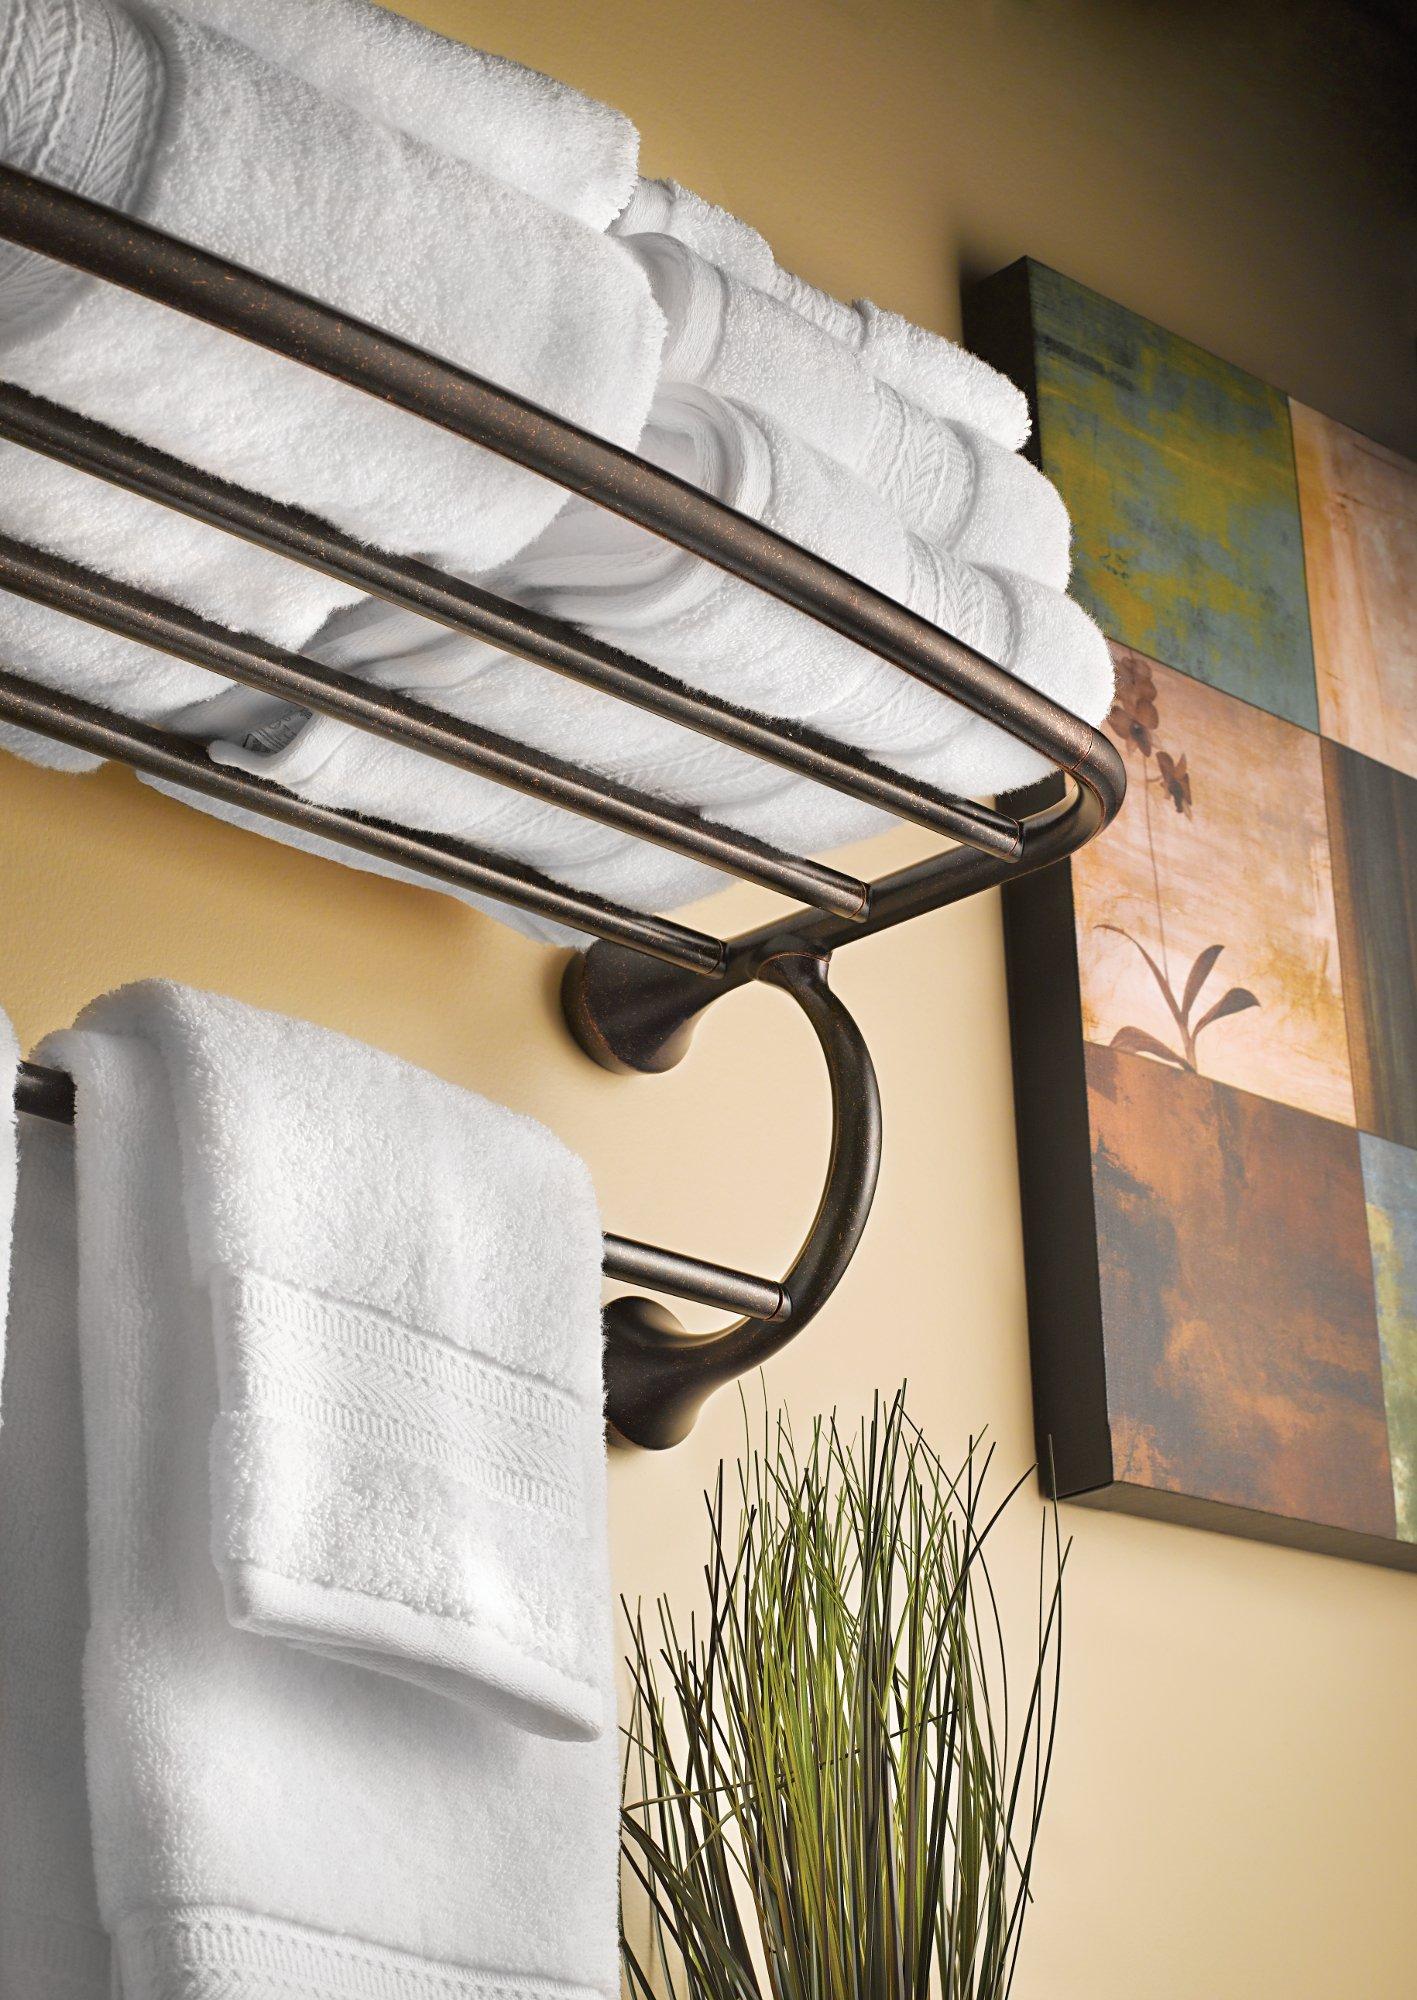 Moen YB2894BN Eva Bathroom Hotel Towel Shelf, Brushed Nickel by Moen (Image #2)